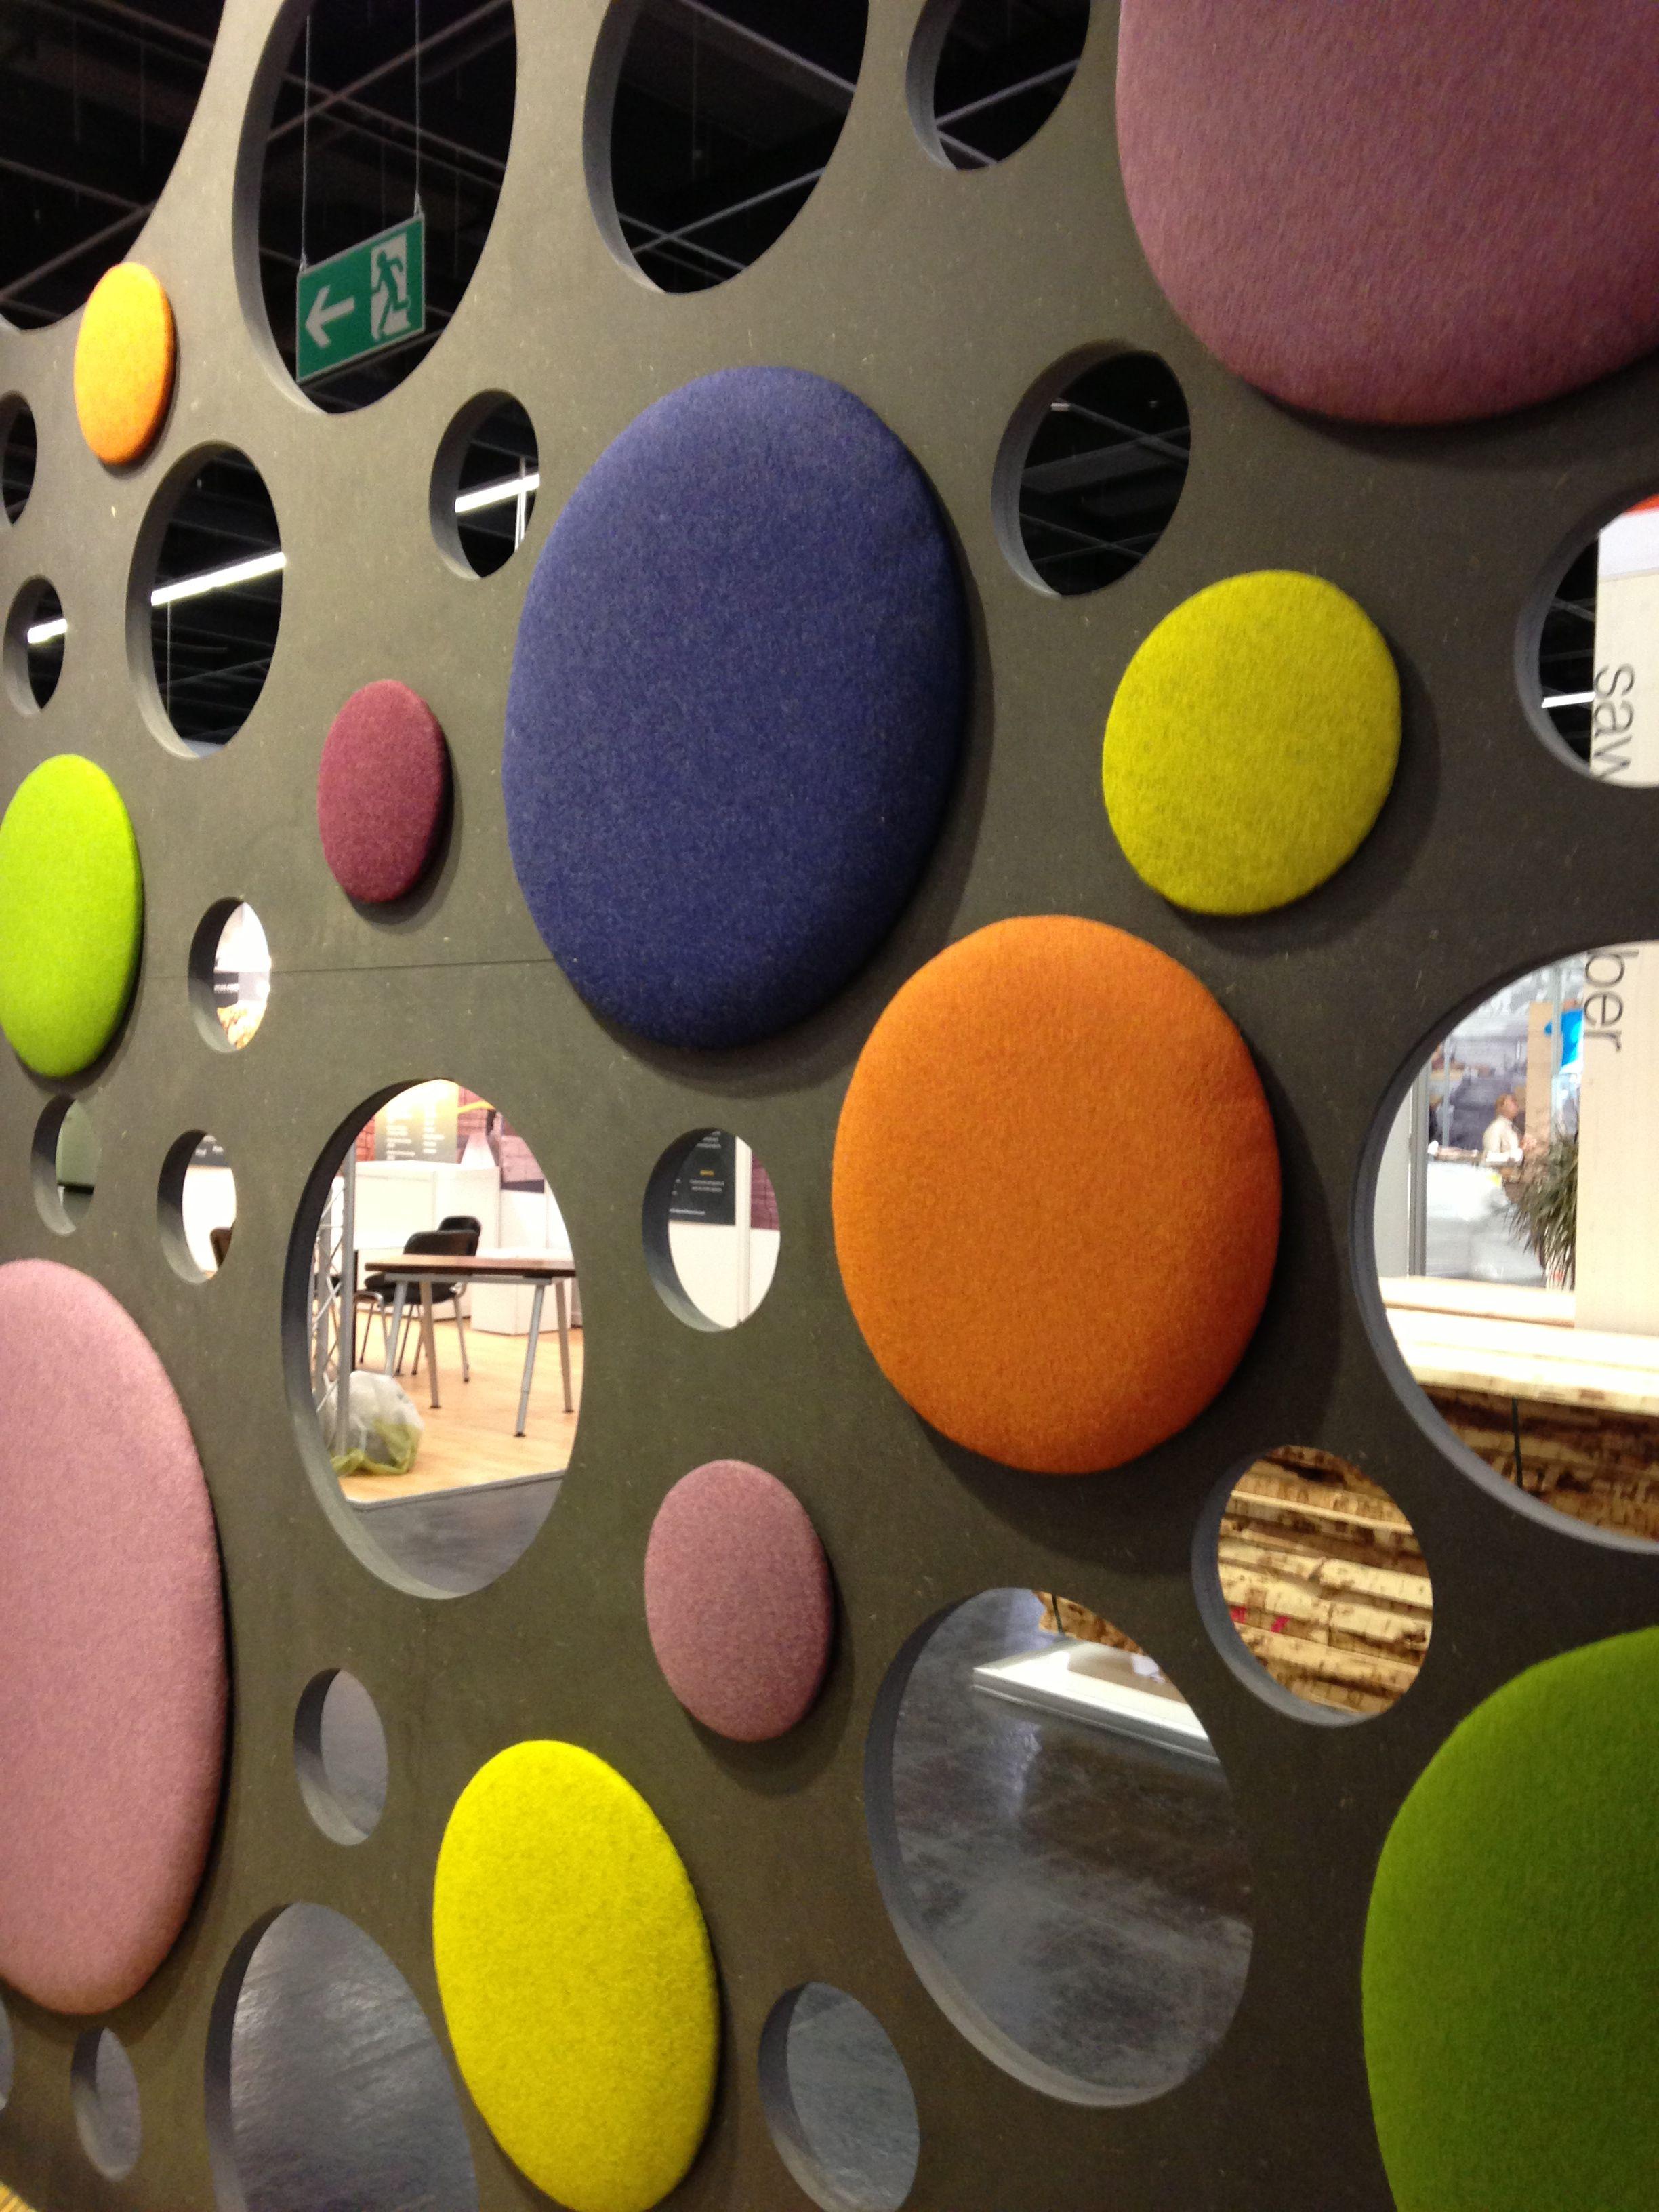 Paneles de madera decorativos mdf negro con telas de colores colecci n acoustic feria Tableros decorativos